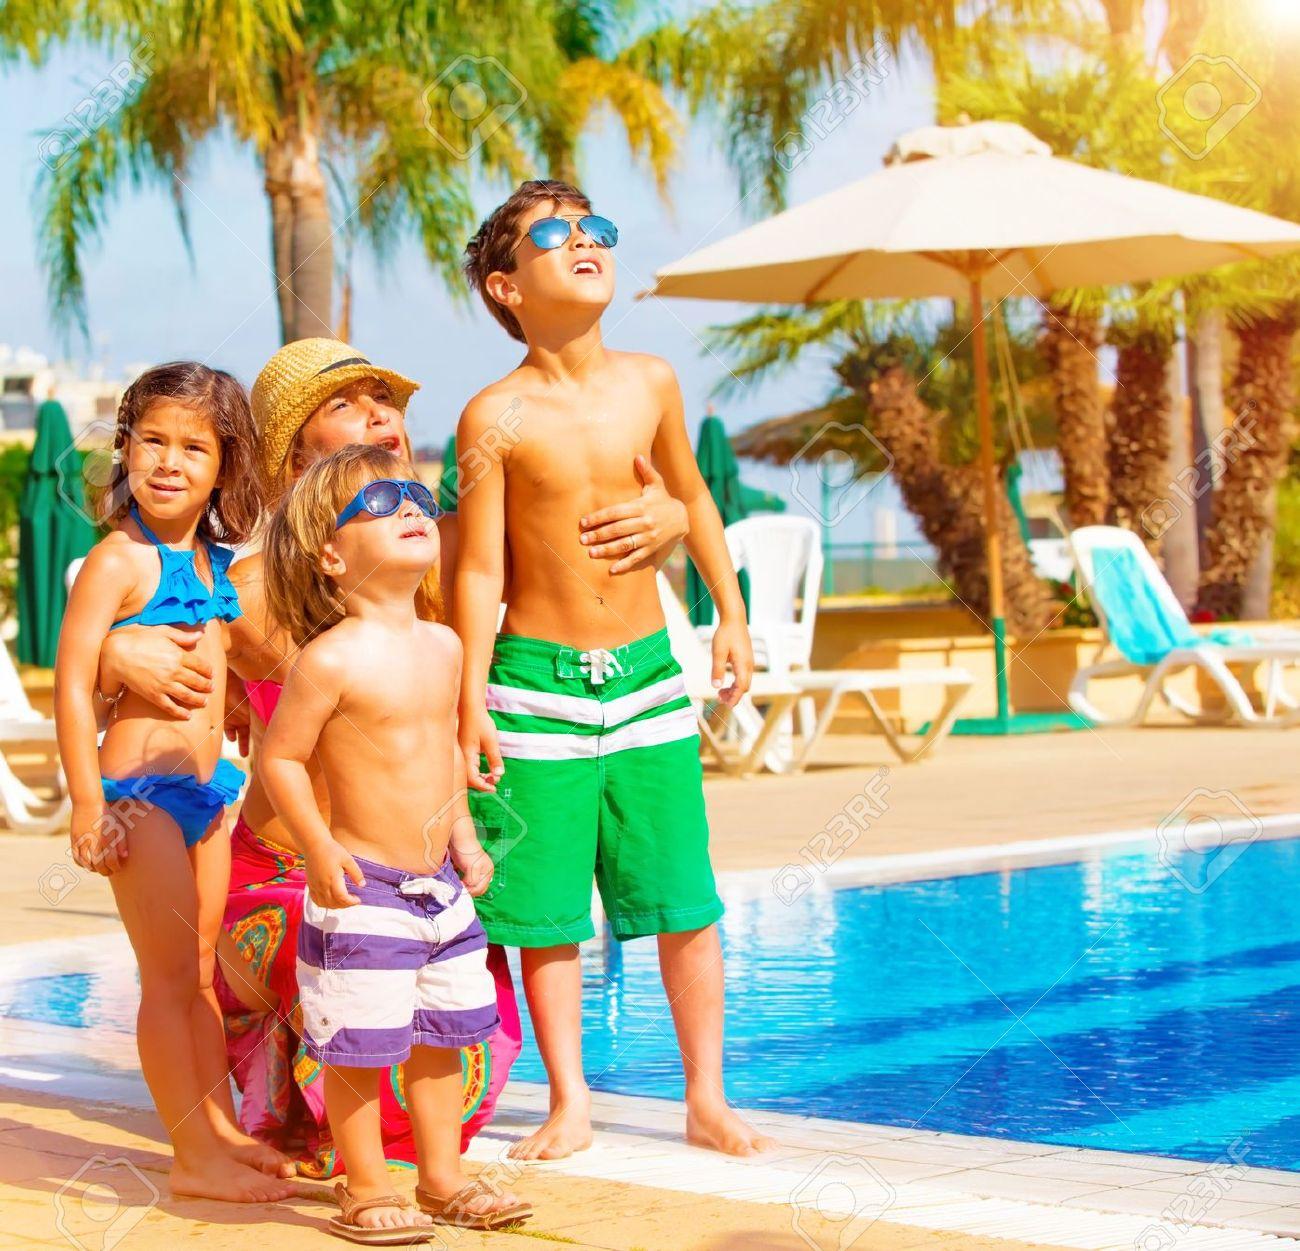 Familia feliz linda que se divierte cerca de la piscina en centro turístico tropical de lujo, la madre con los niños mirando hacia arriba en el cielo, vacaciones de verano, concepto del amor Foto de archivo - 20573939